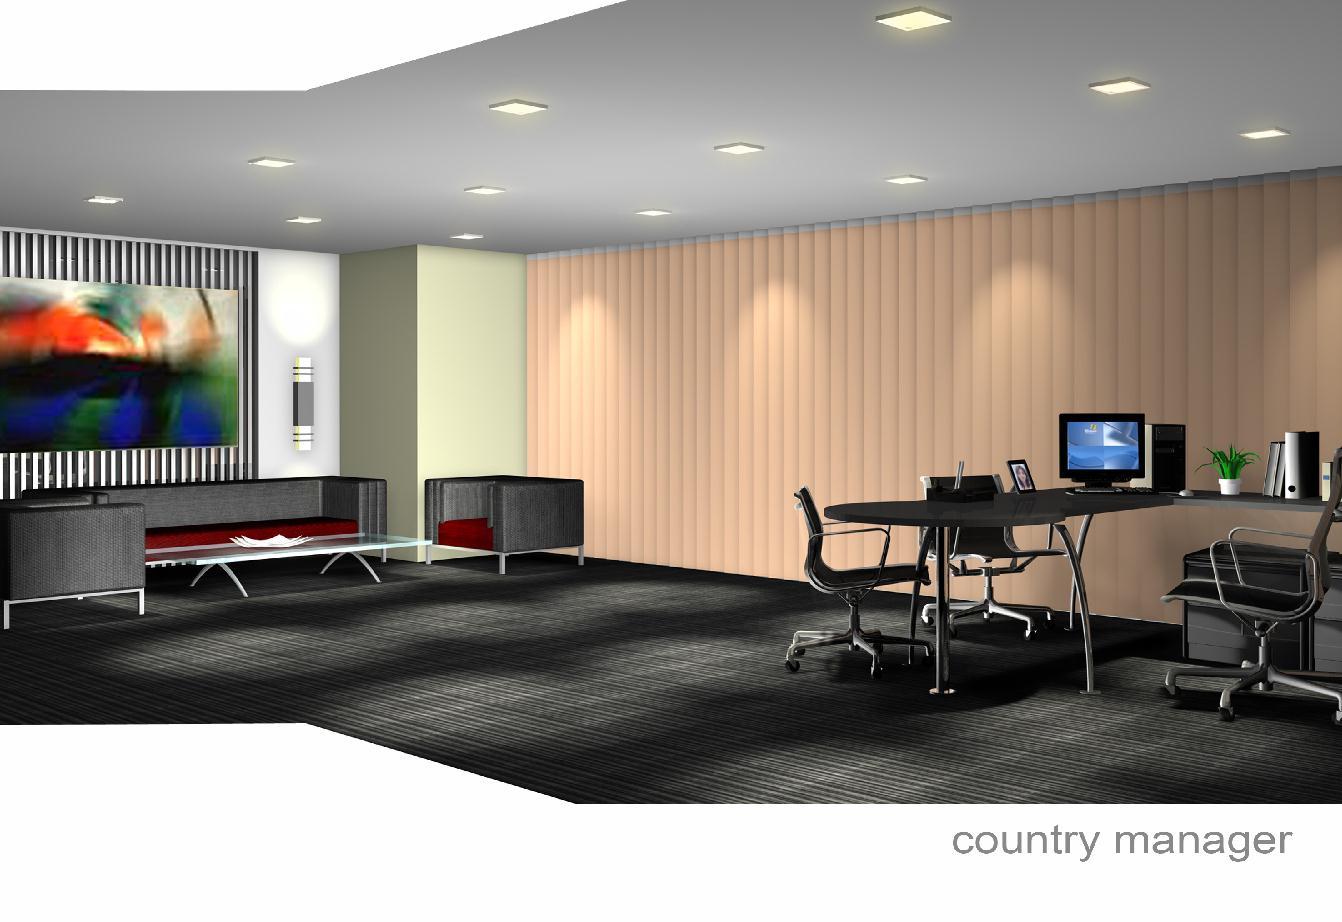 Interior Design, Home Decorating, Rooms Planning, Architecture Ideas